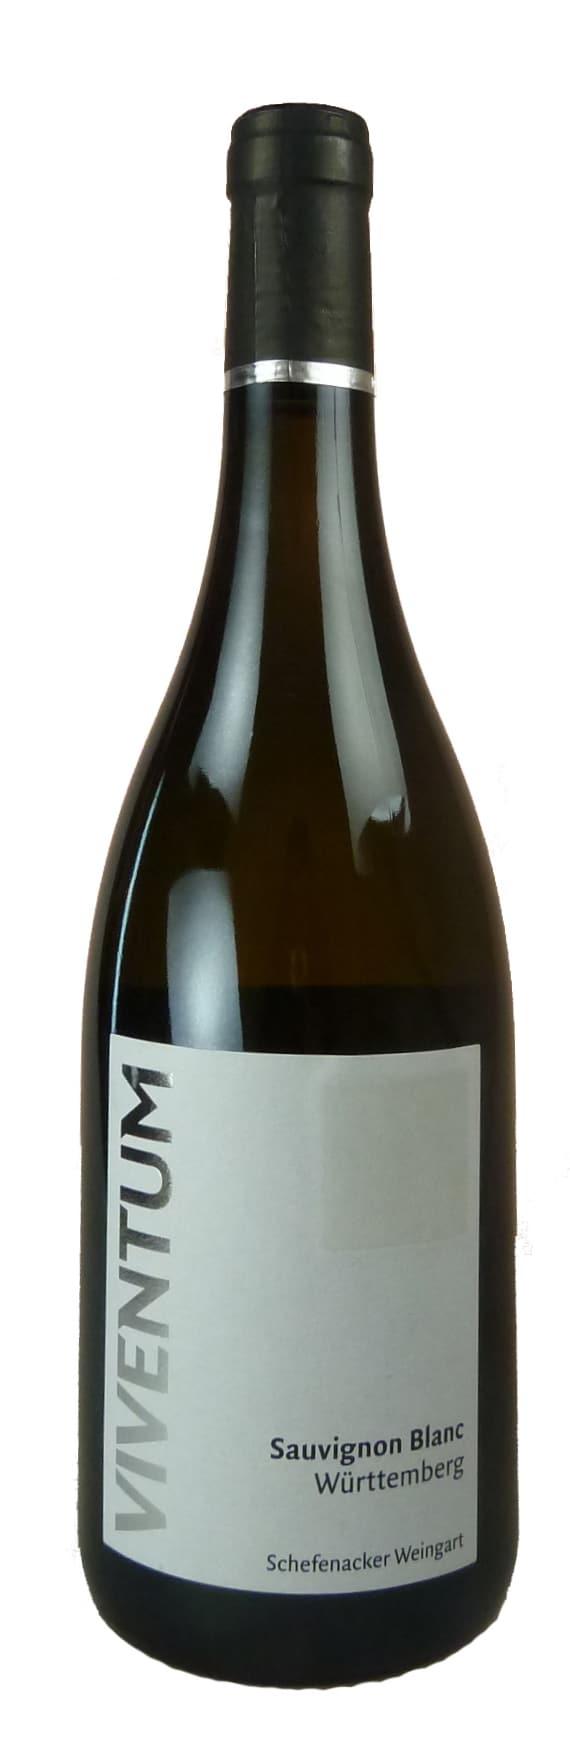 Viventum Sauvignon blanc Qualitätswein trocken 2018